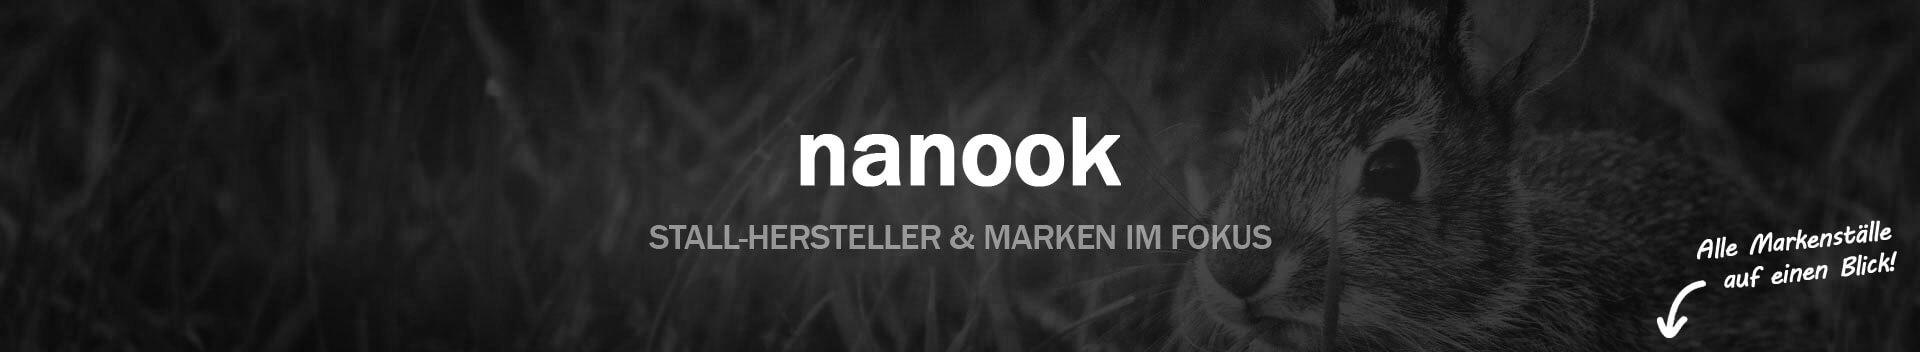 nanook-kaninchenstall-hersteller